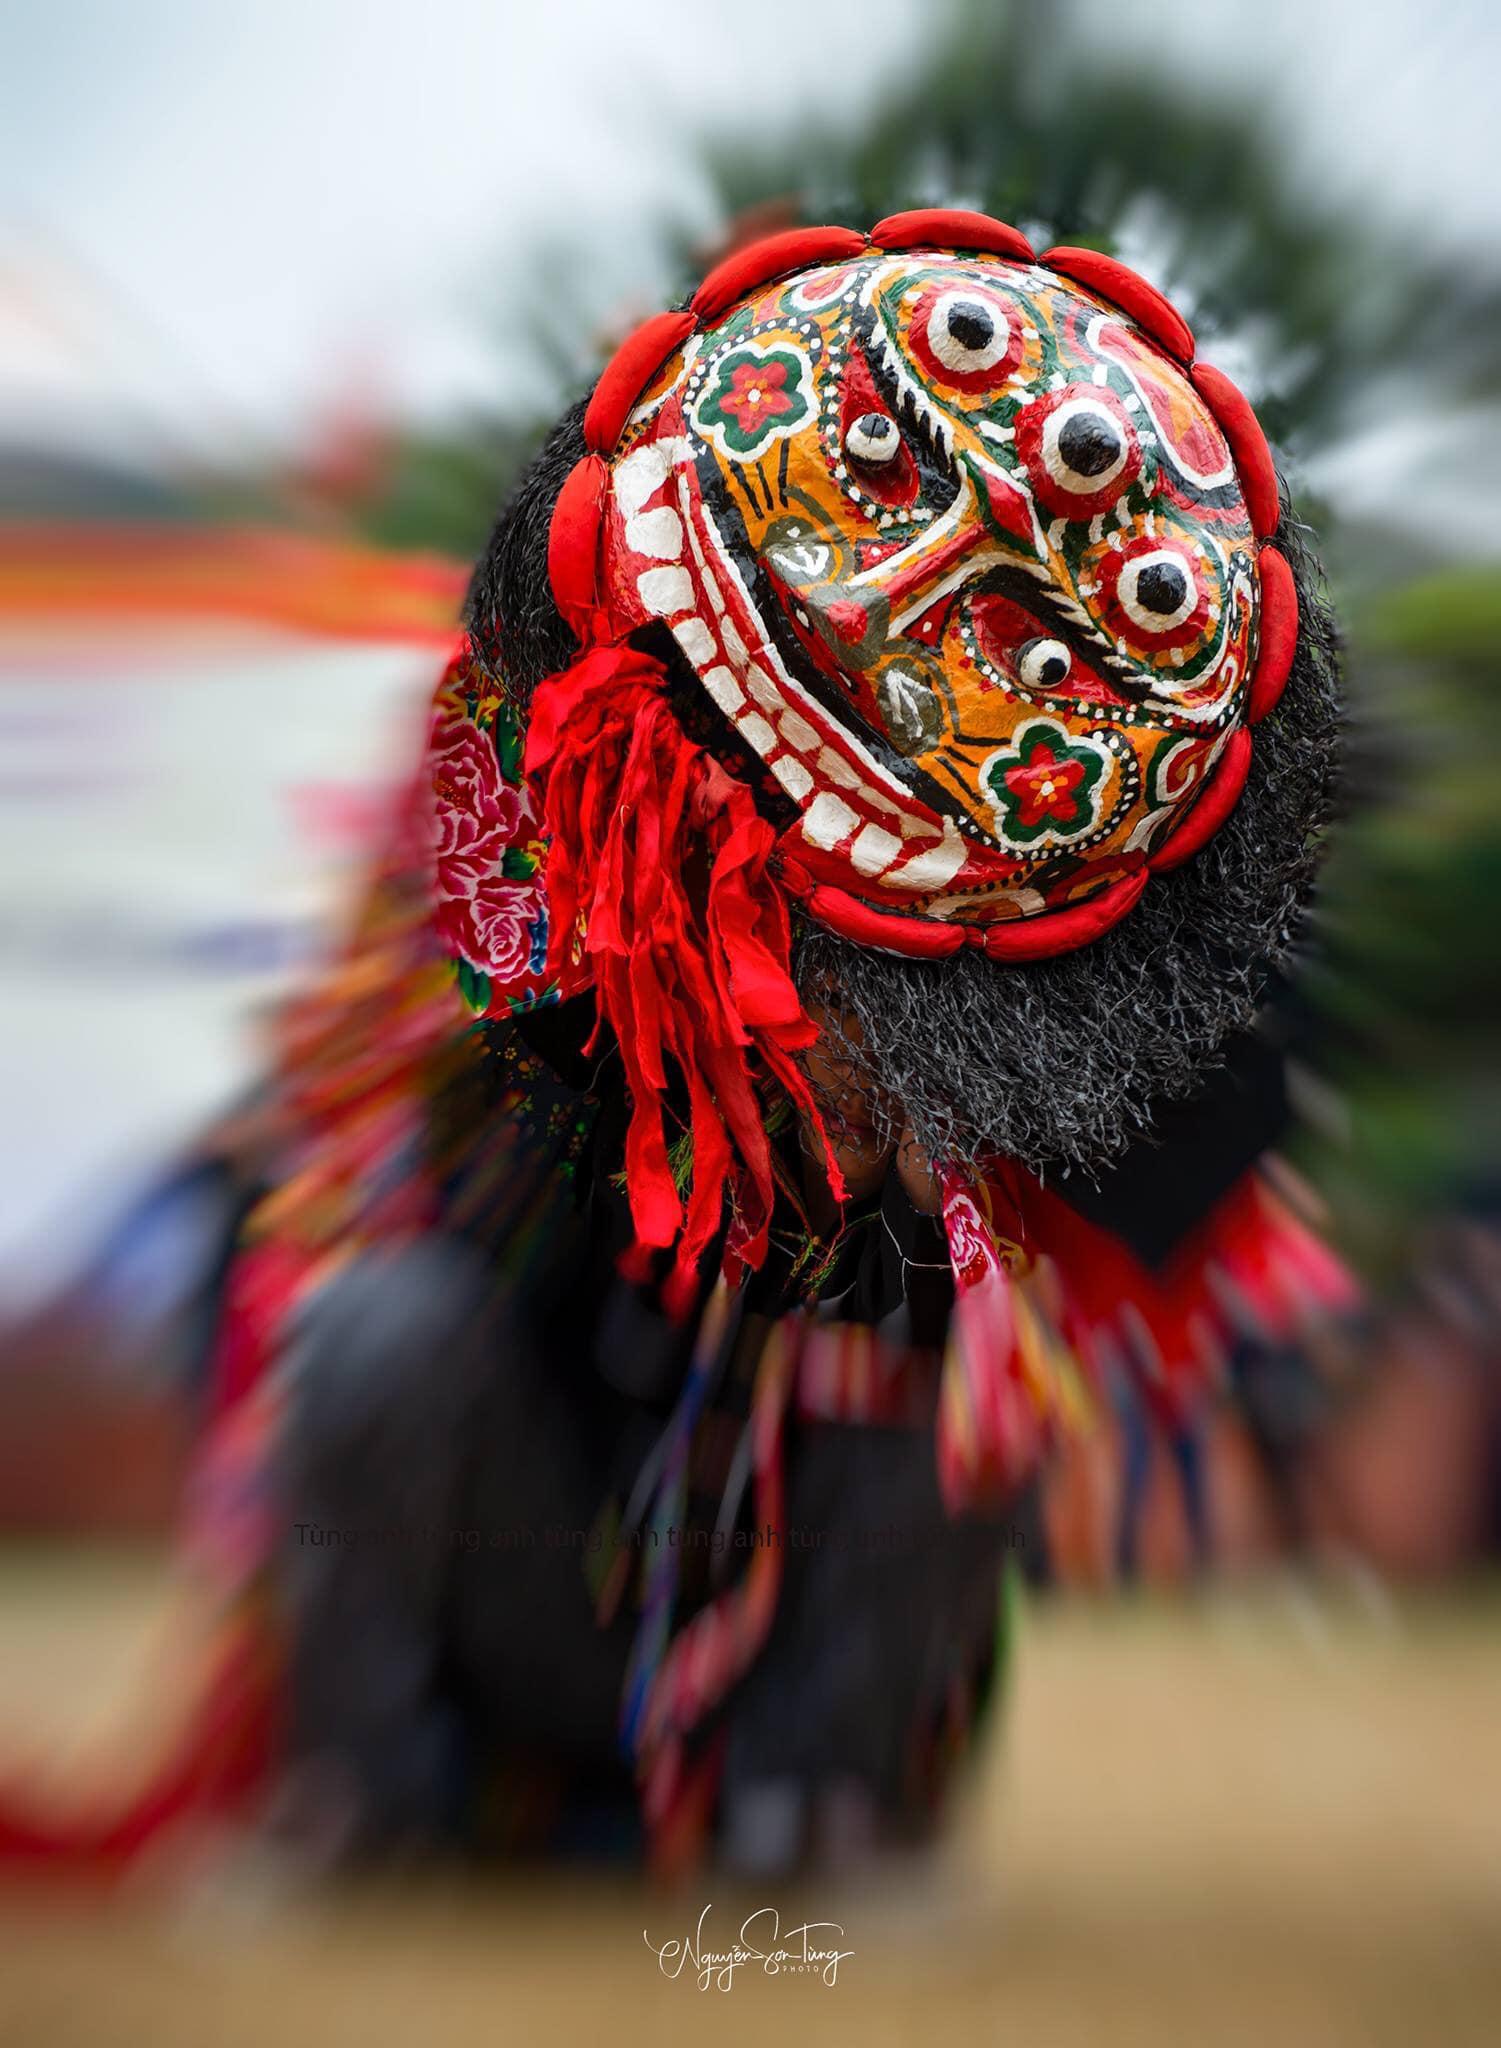 Hình ảnh đầu ky lằn trong ngày hội Lồng tồng ở xã Hải Yến, huyện Cao Lộc.